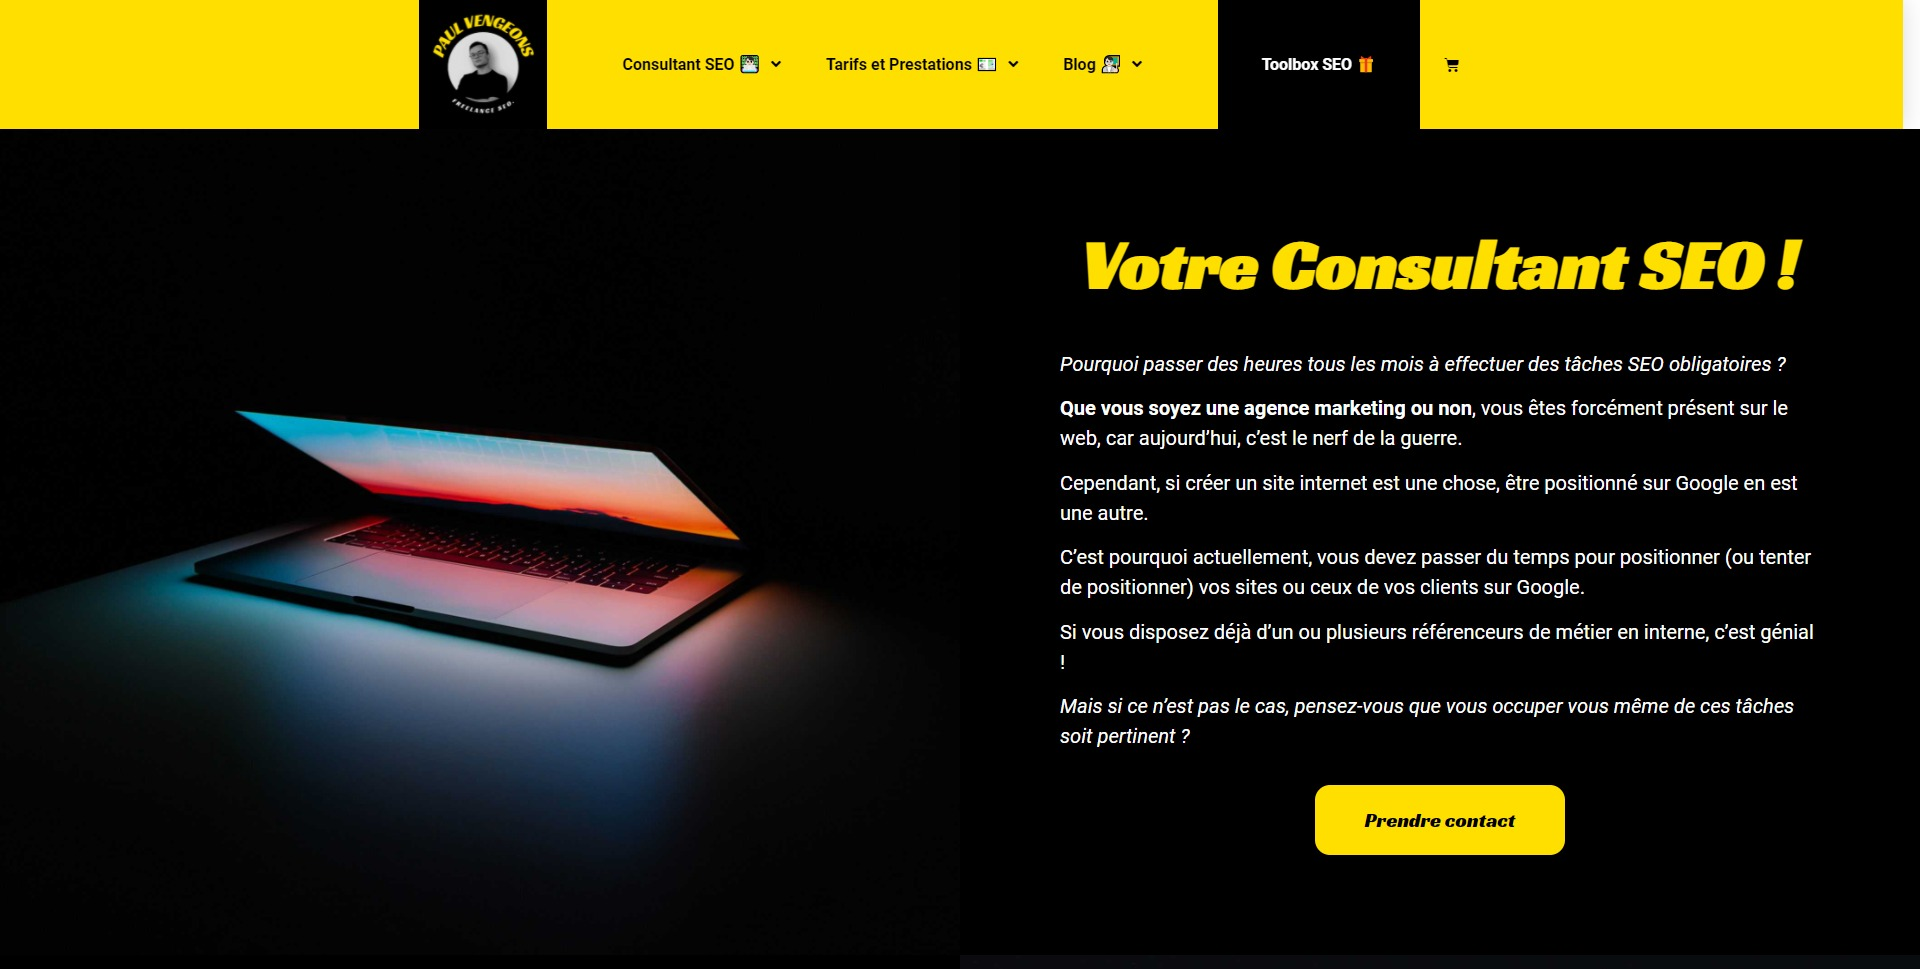 fireshot capture 108 freelance et consultant seo paul vengeons 🥊 www.paulvengeons.fr